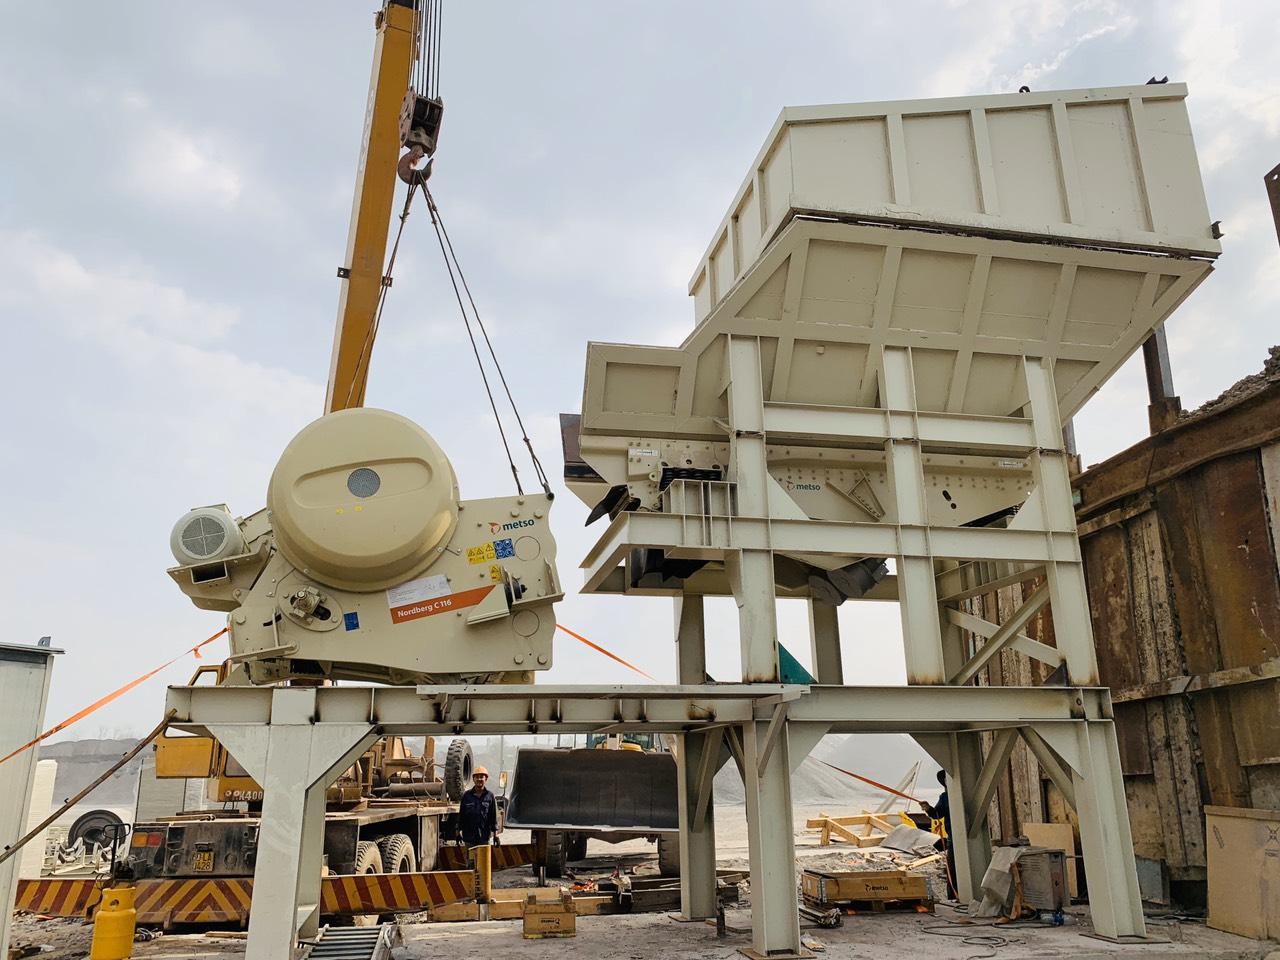 máy nghiền hàm Metso được lắp đặt tại mỏ